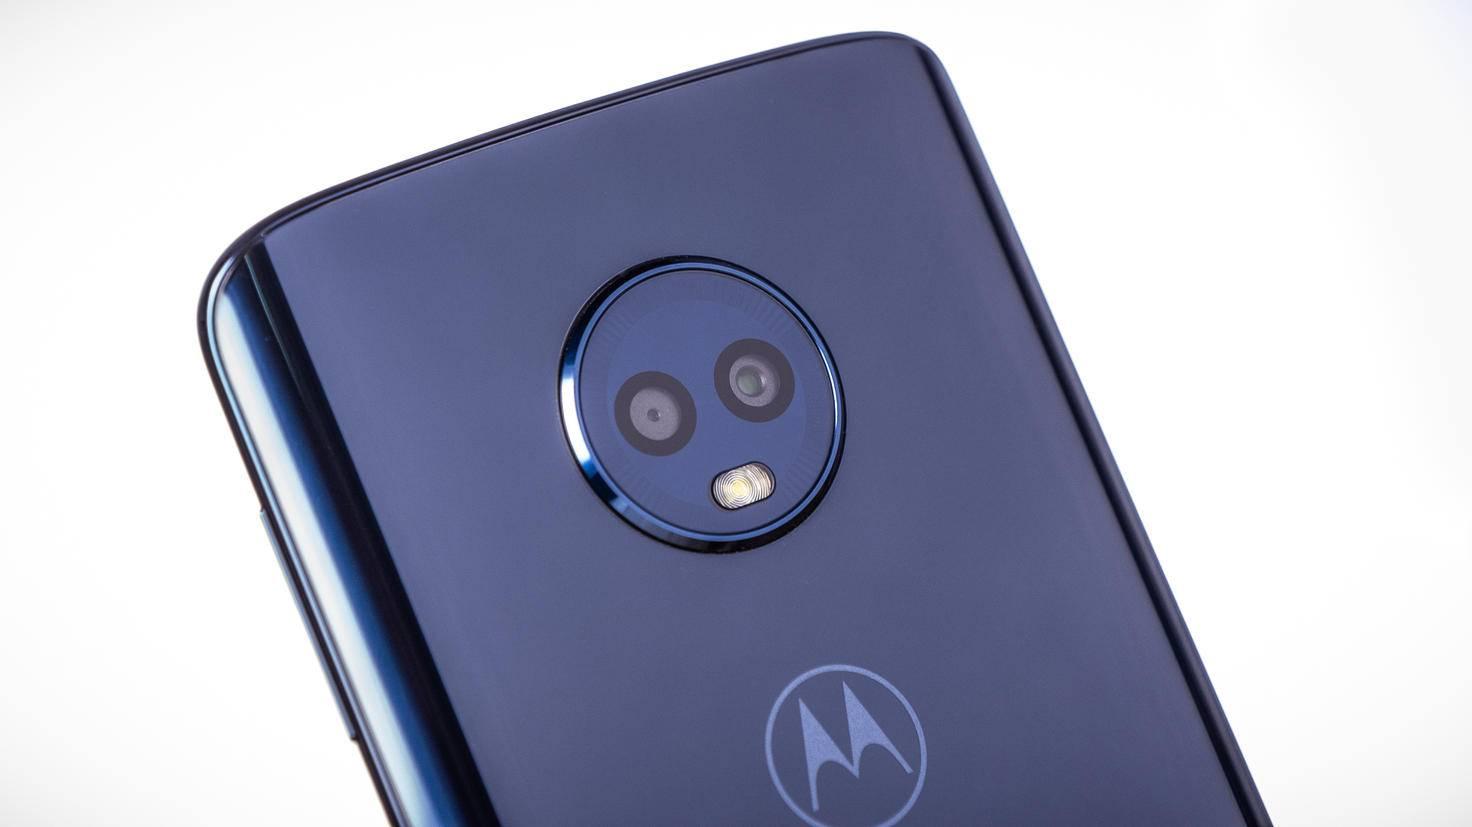 Motorola-Moto-G6-TURN-ON-6